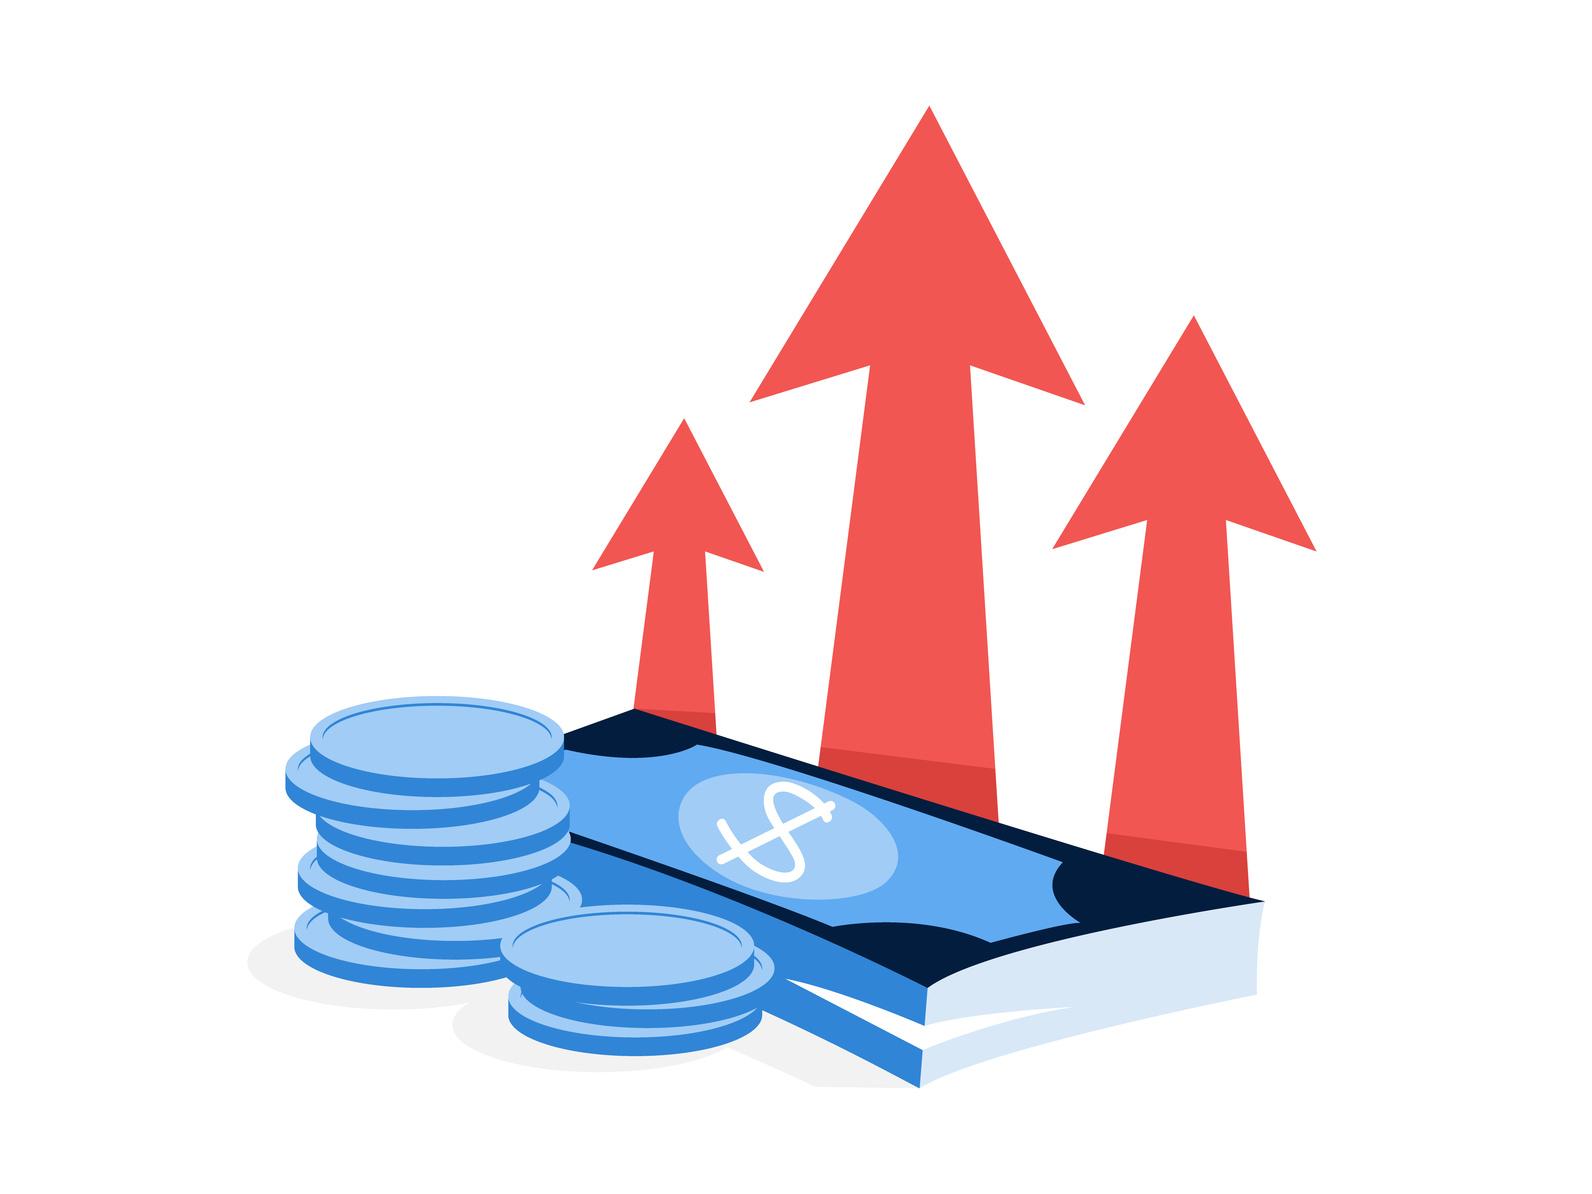 【2019年2月】高配当銘柄のファンダメンタル分析とそのランキングを紹介!(ナルミヤ・インターナショナル/グラファイトデザイン/CVSベイエリア)